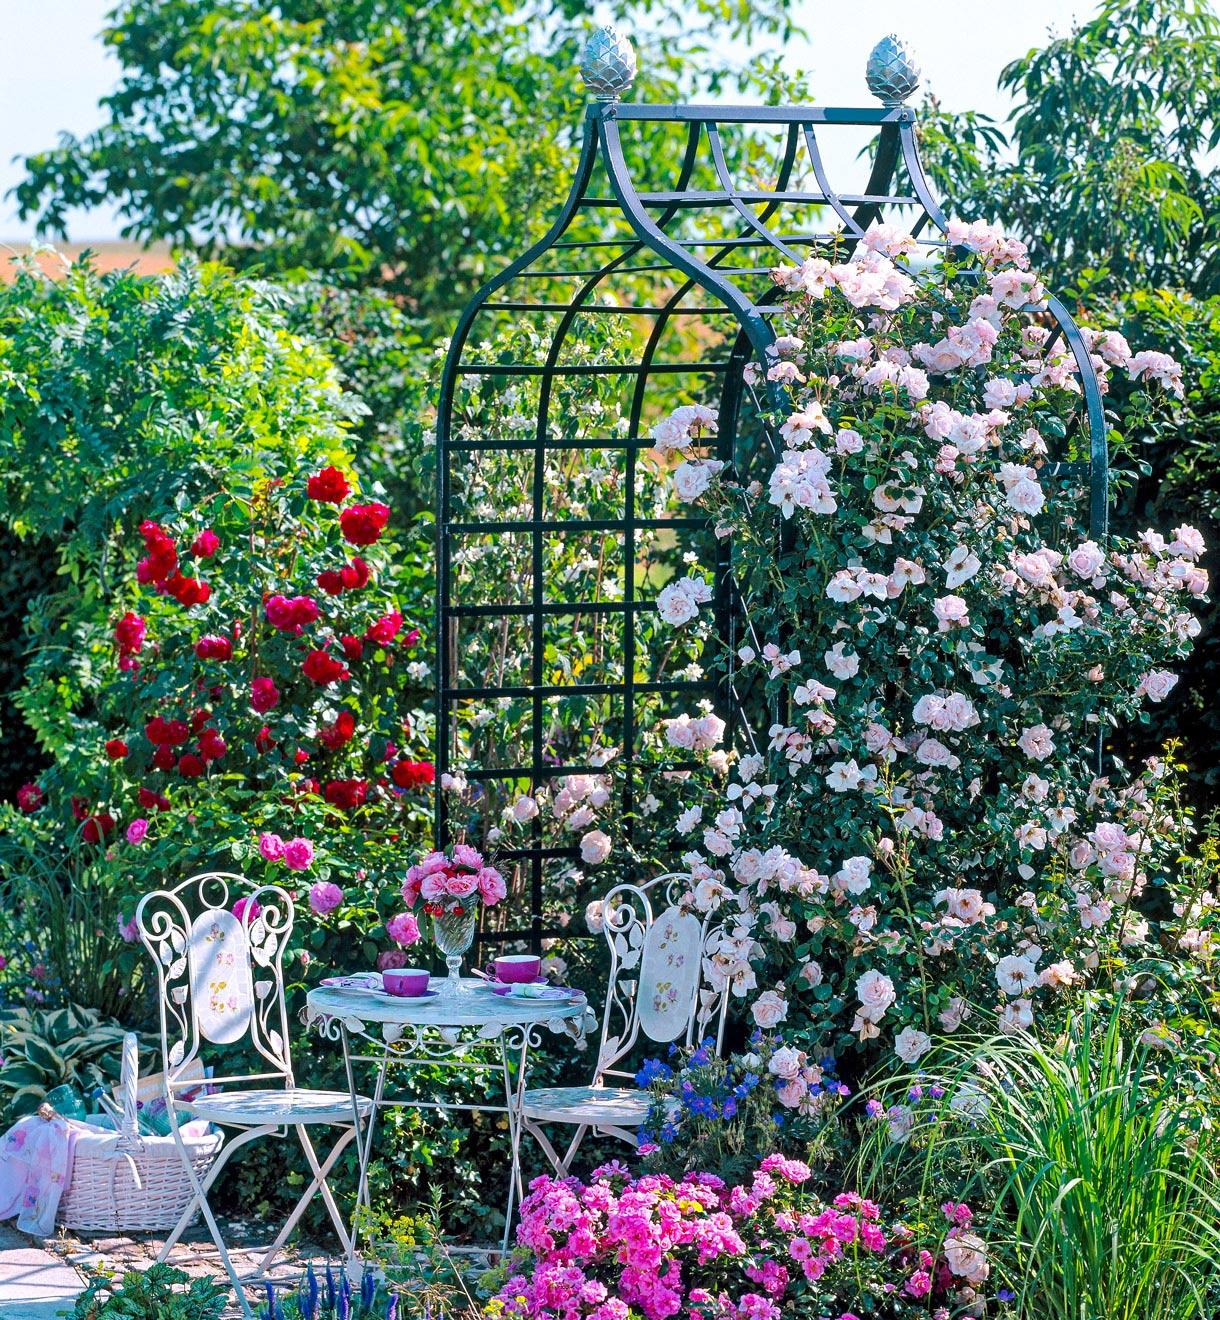 Arche De Jardin, Portique : Supports Pour Plantes Grimpantes ... pour Arche De Jardin En Fer